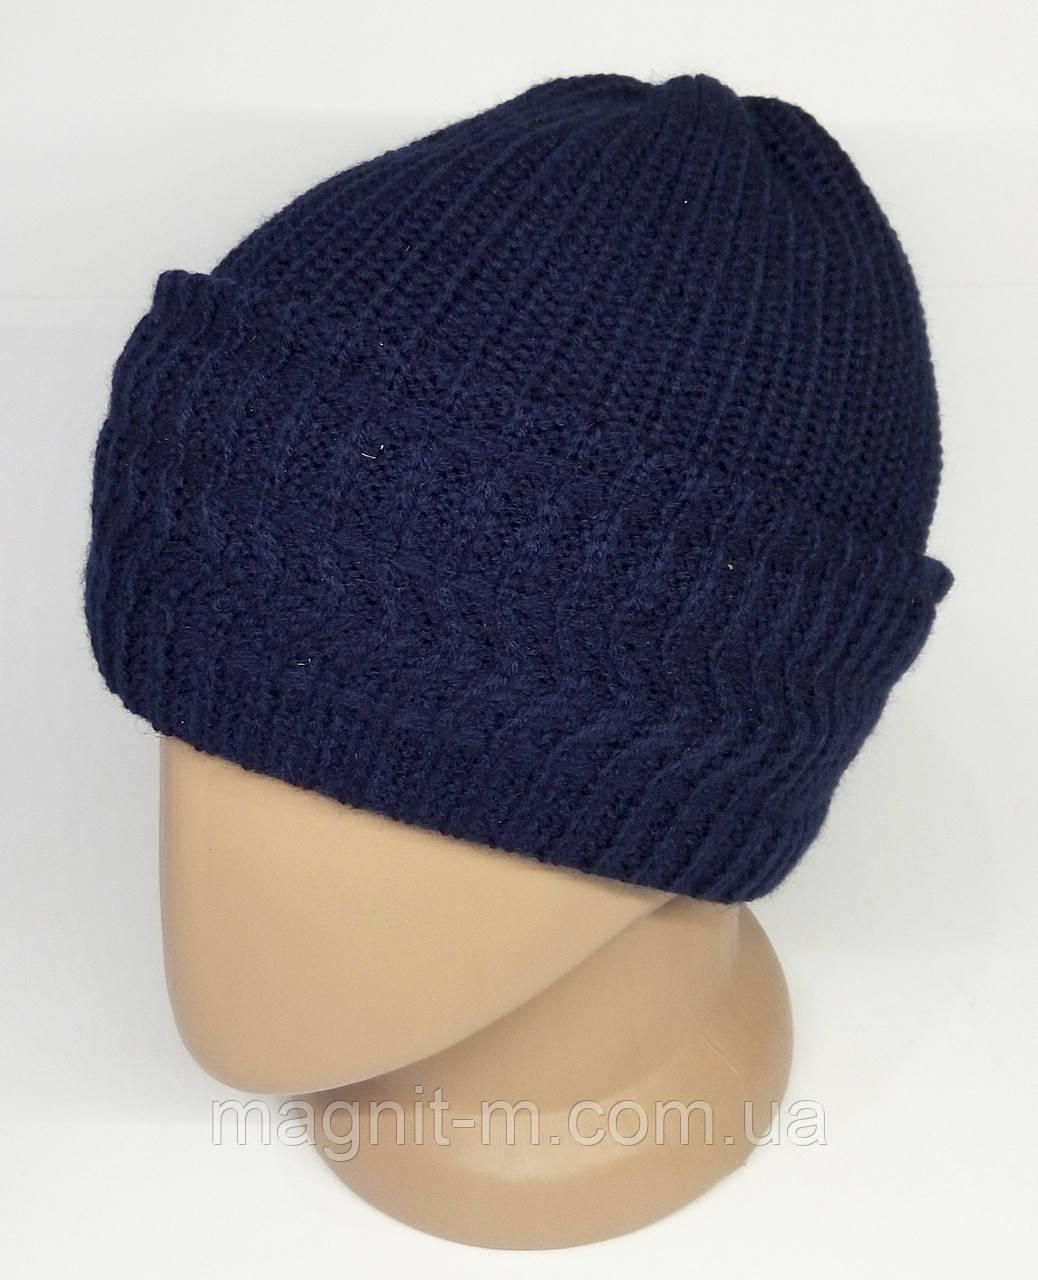 Жіноча зимова шапка з відворотом. Подвійна в'язання. Синя.